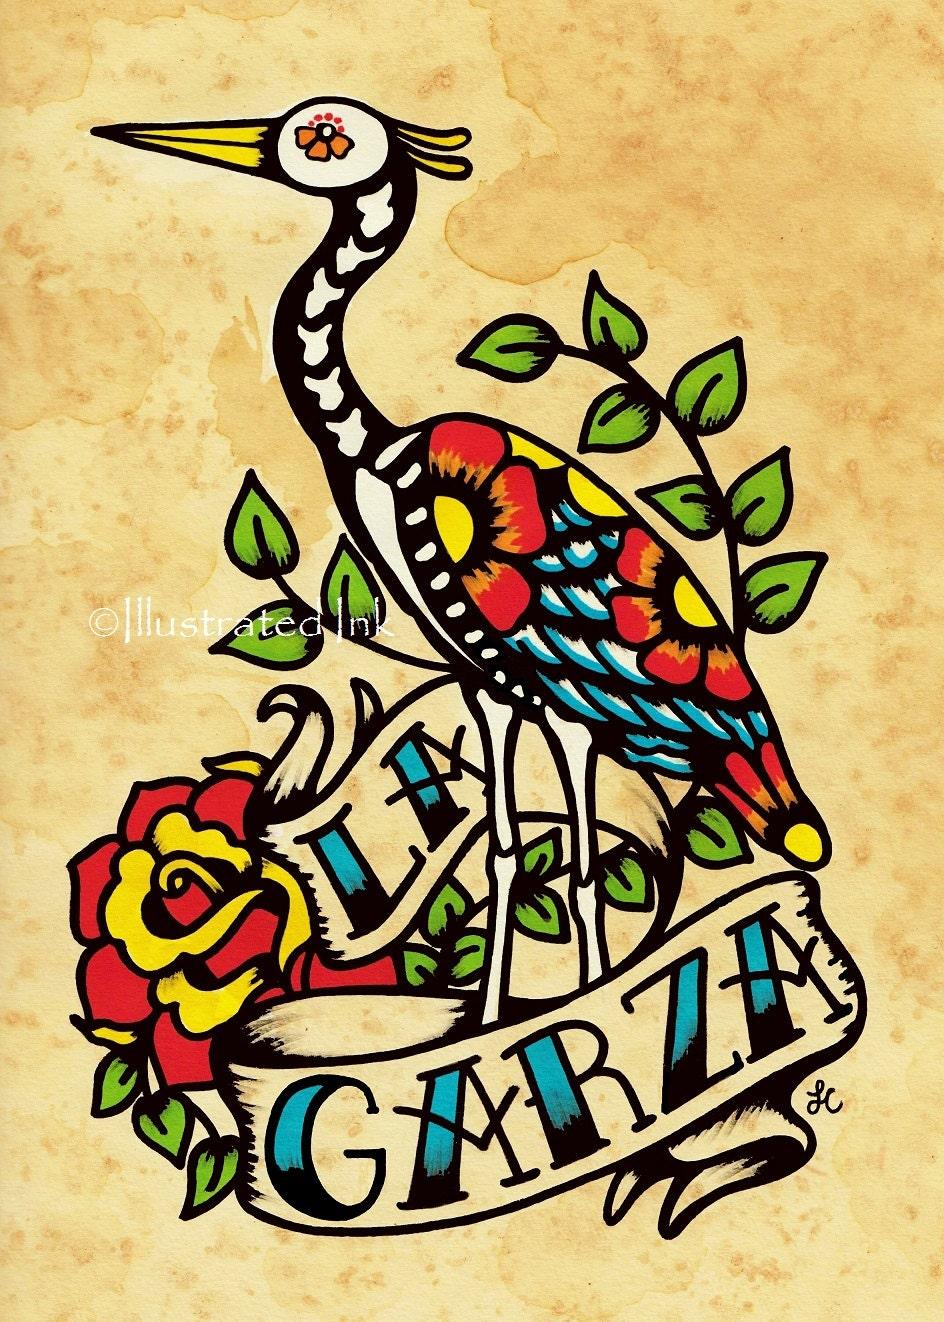 Day of the Dead Tattoo Art LA GARZA Loteria Print 5 x 7 8 x   Etsy